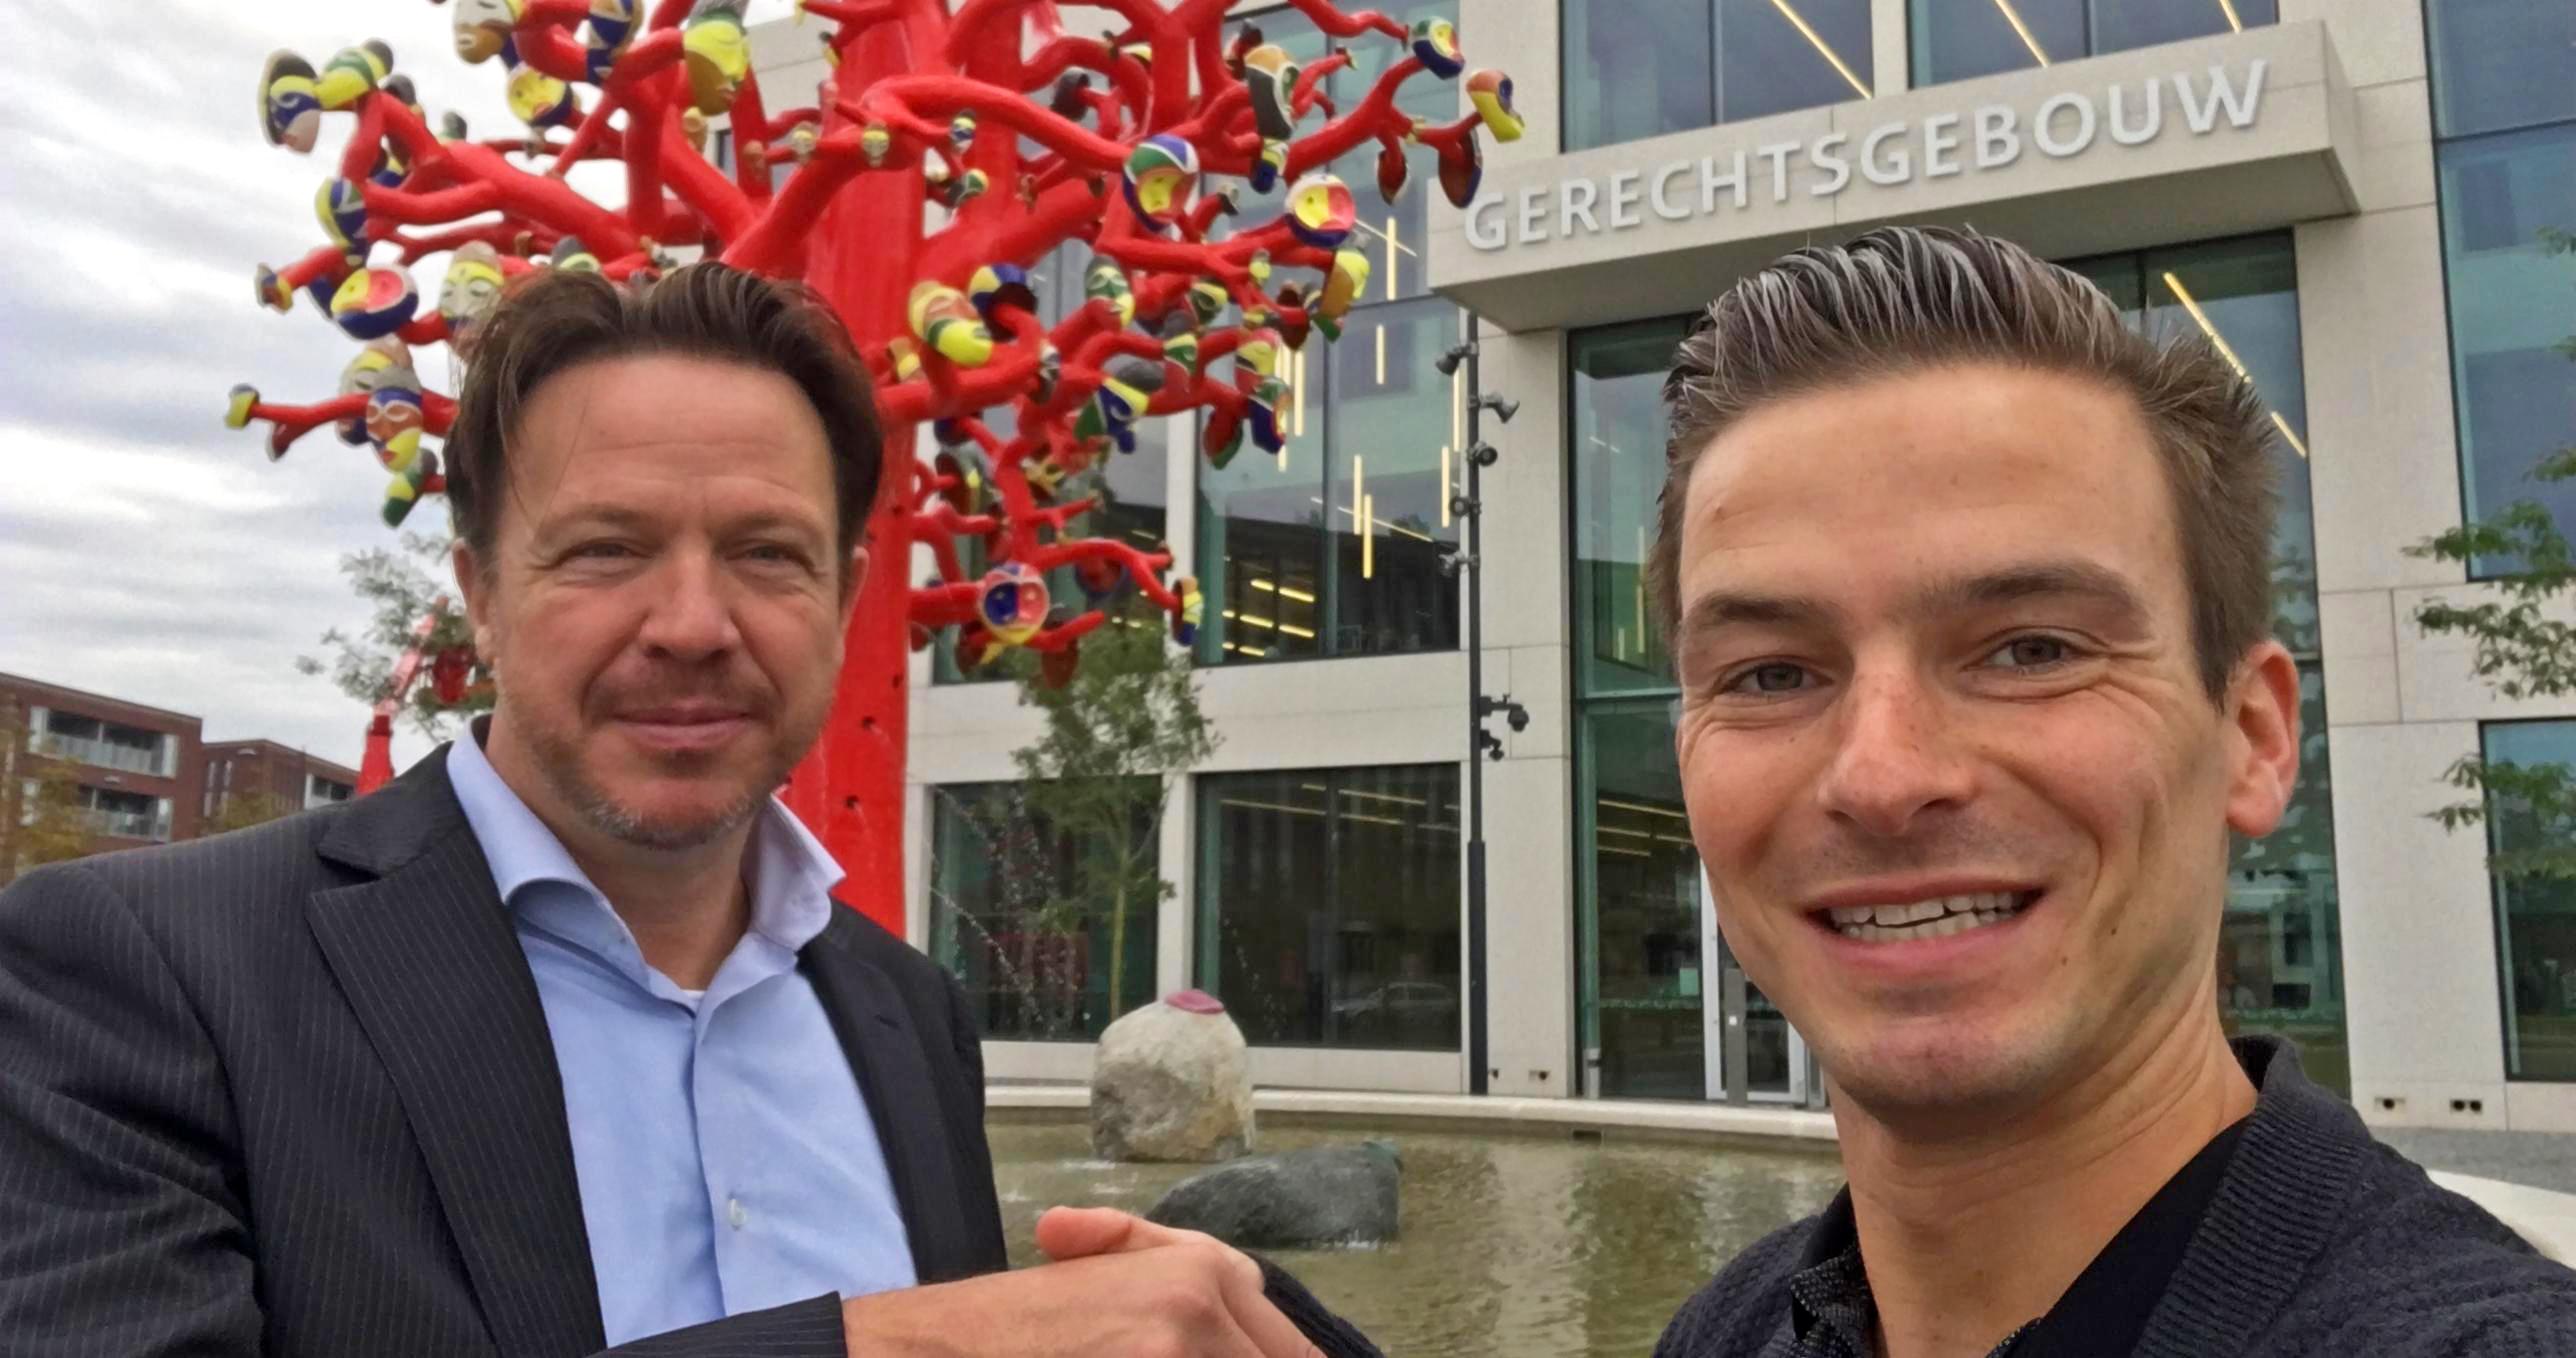 AdvocaatInBreda.nl zeer tevreden over samenwerking met Dlogic